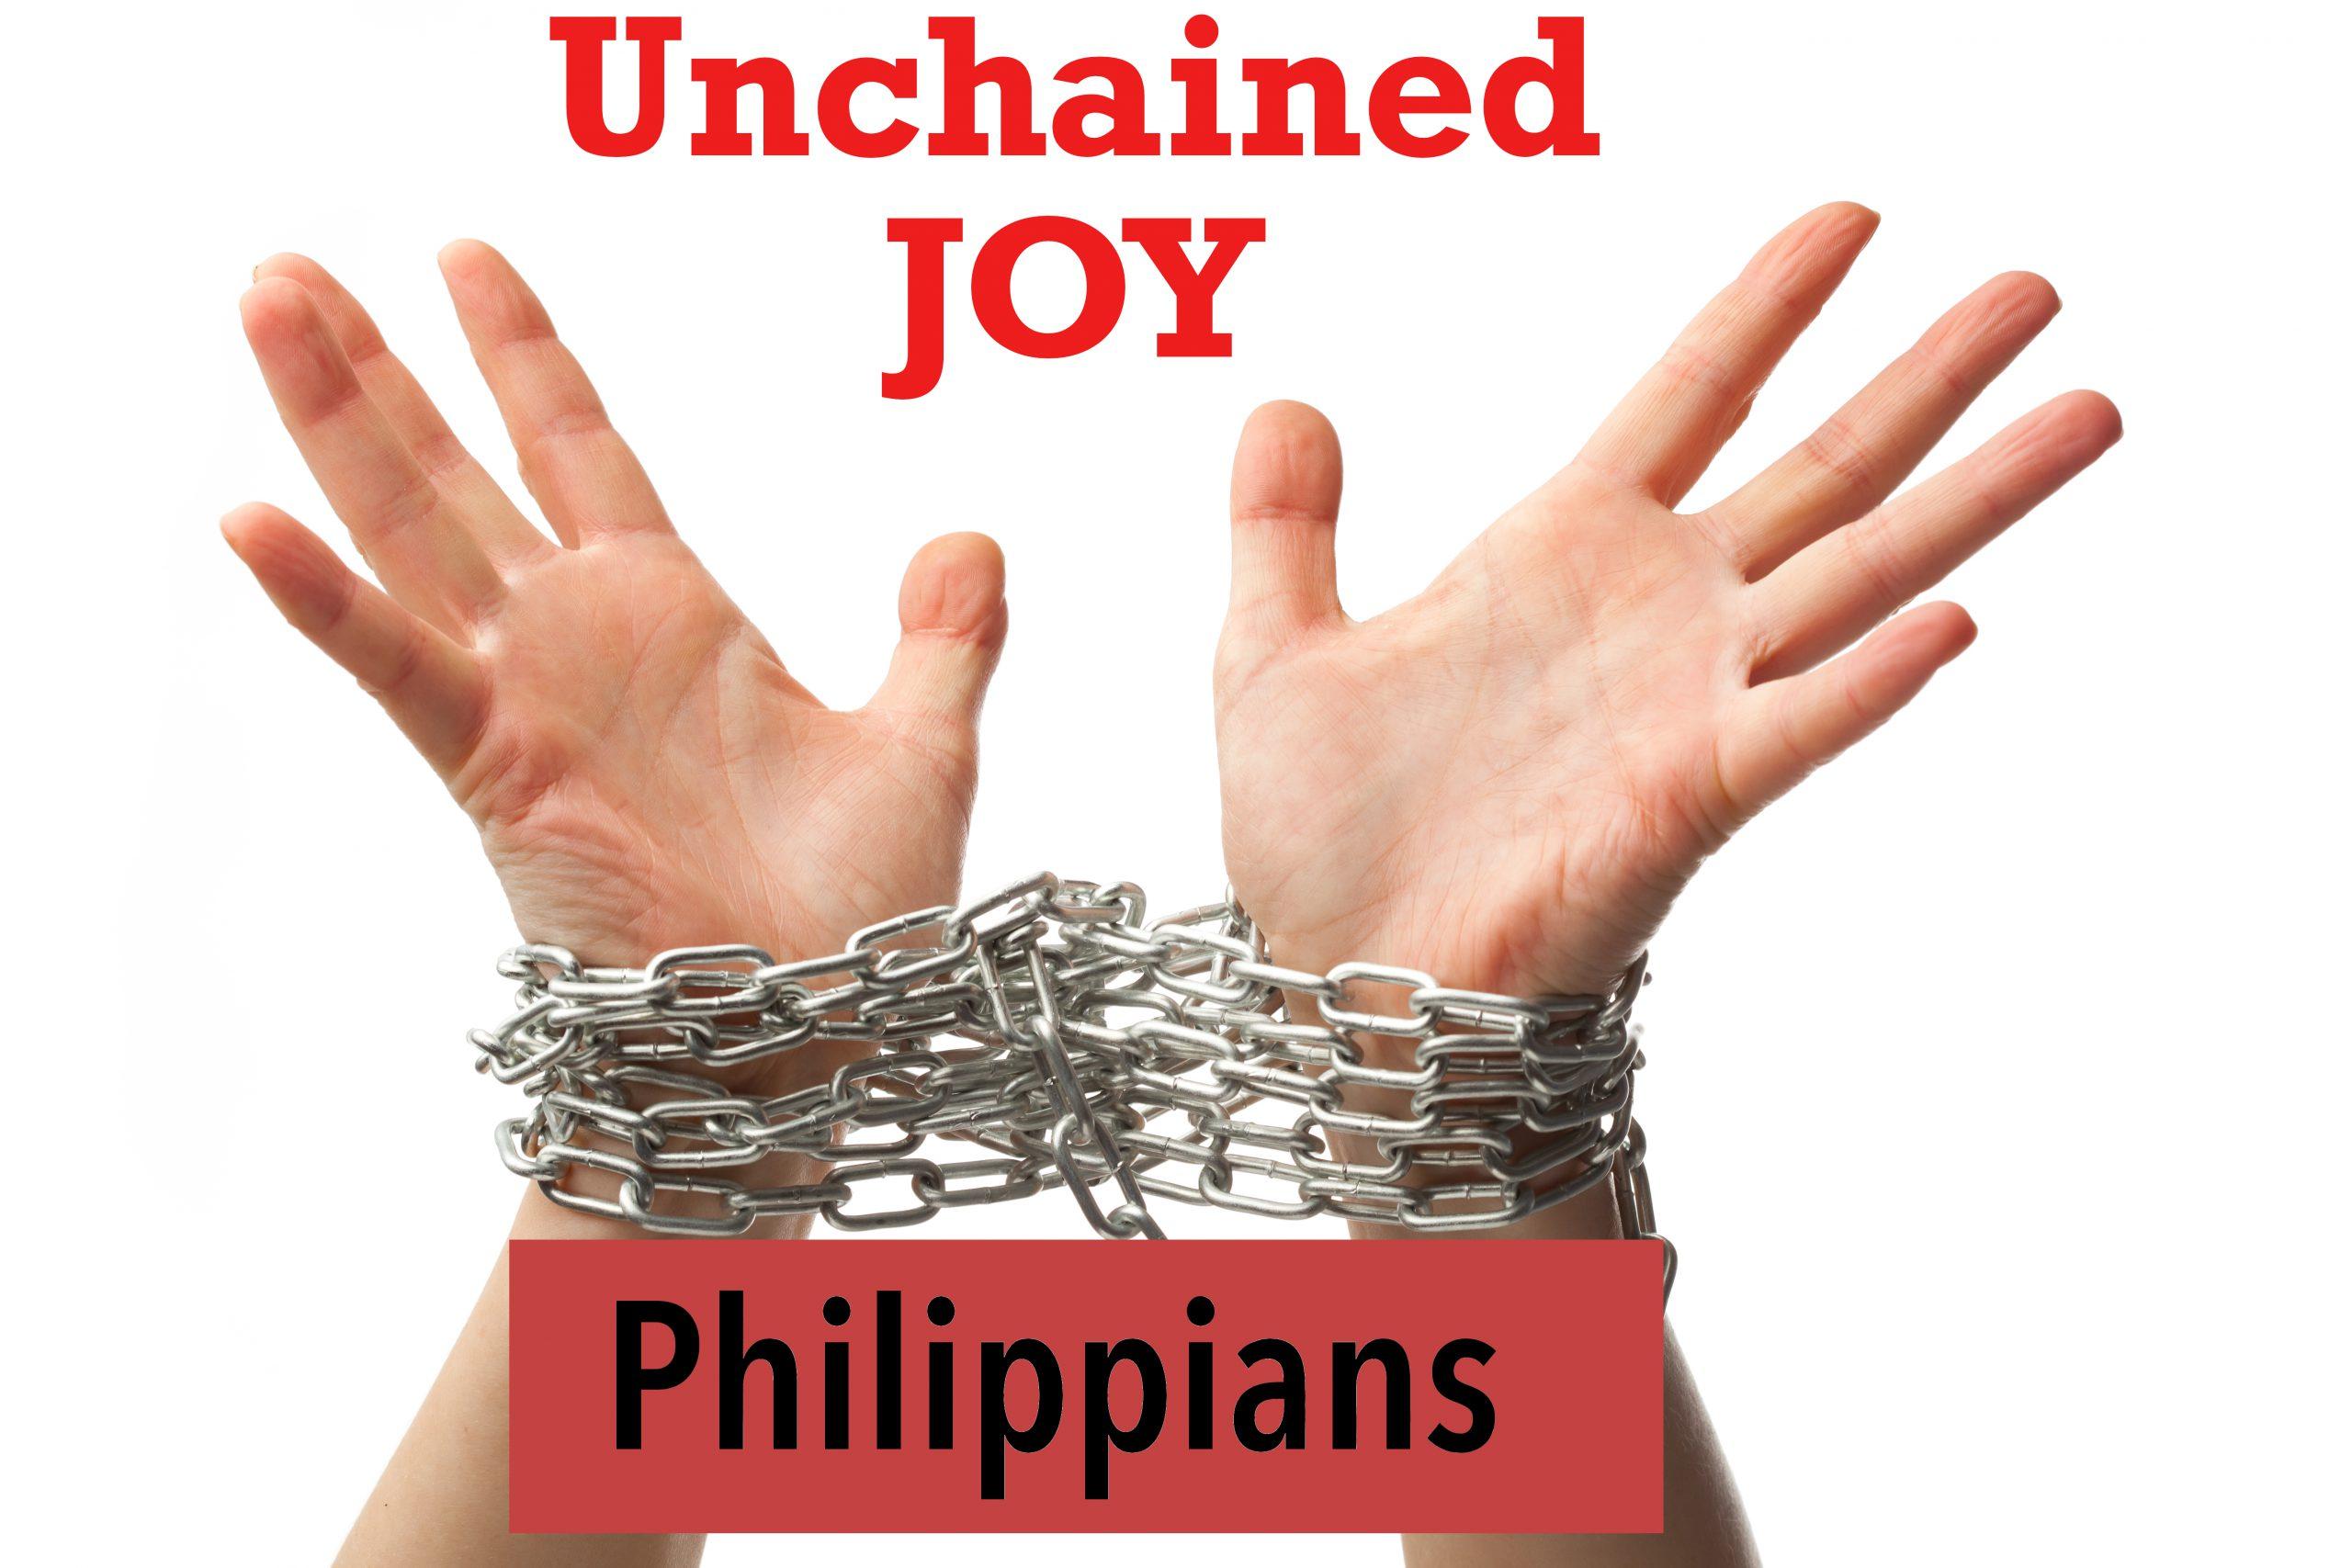 Unchained Joy